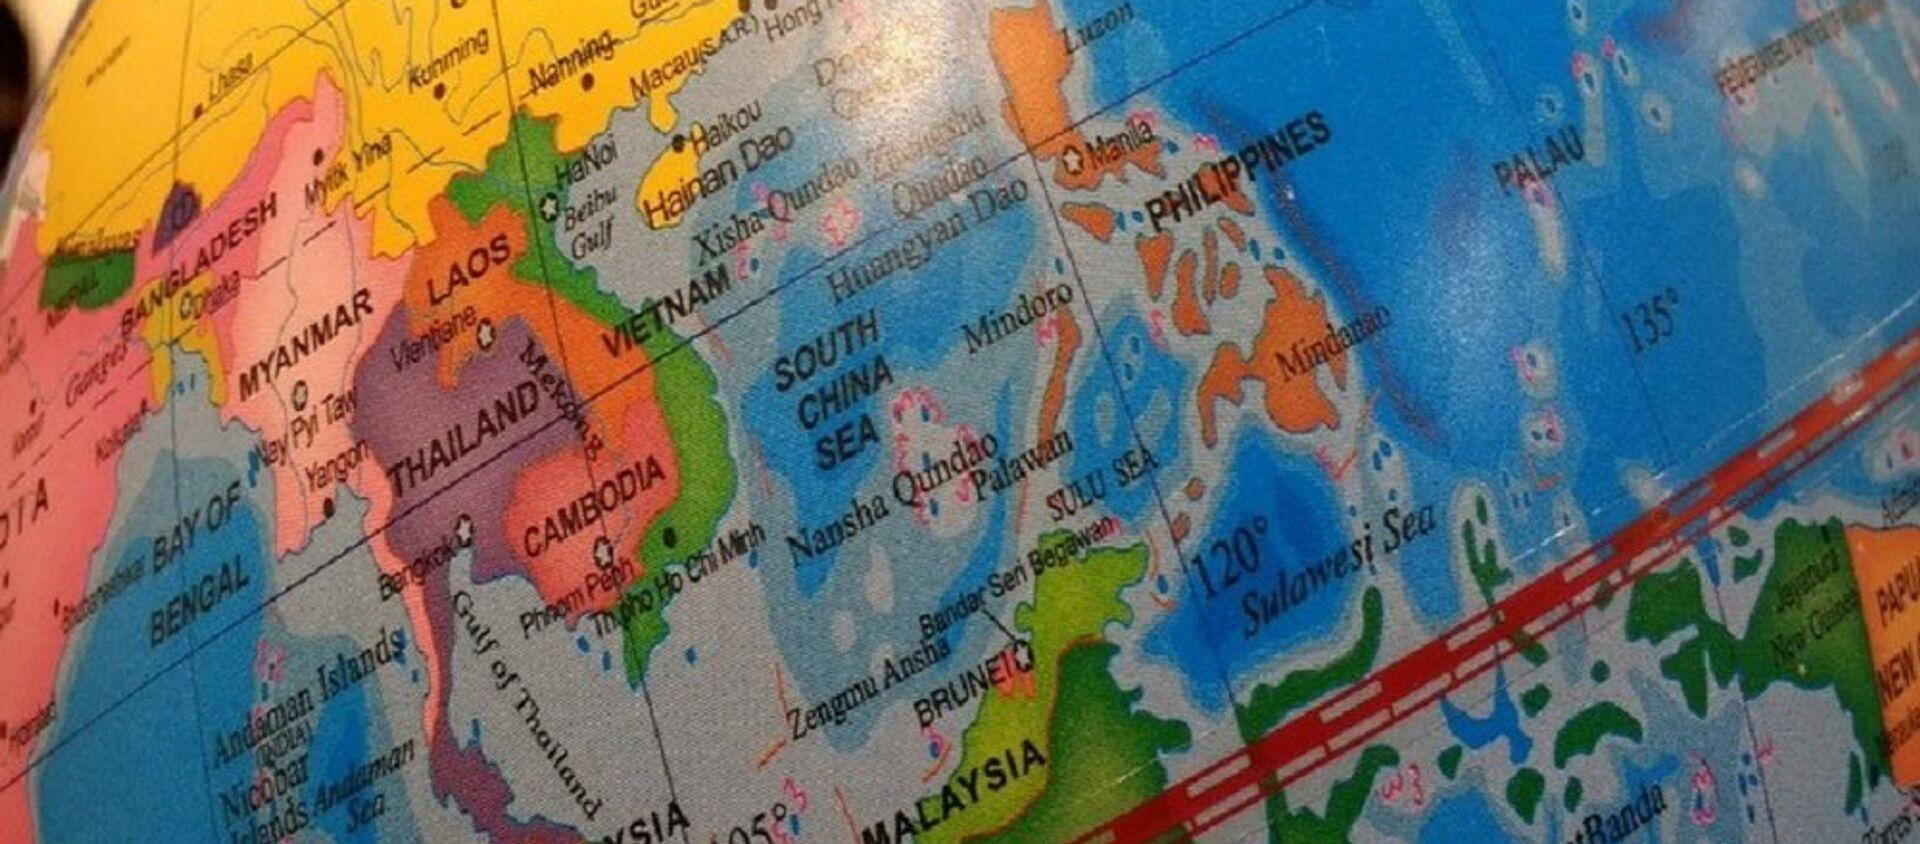 Quả địa cầu áp đặt đường chữ U và ghi quần đảo Trường Sa, Hoàng Sa bằng tiếng TQ tại Bảo tàng Hoàng gia Greenwich  (Anh) - Sputnik Việt Nam, 1920, 03.07.2018